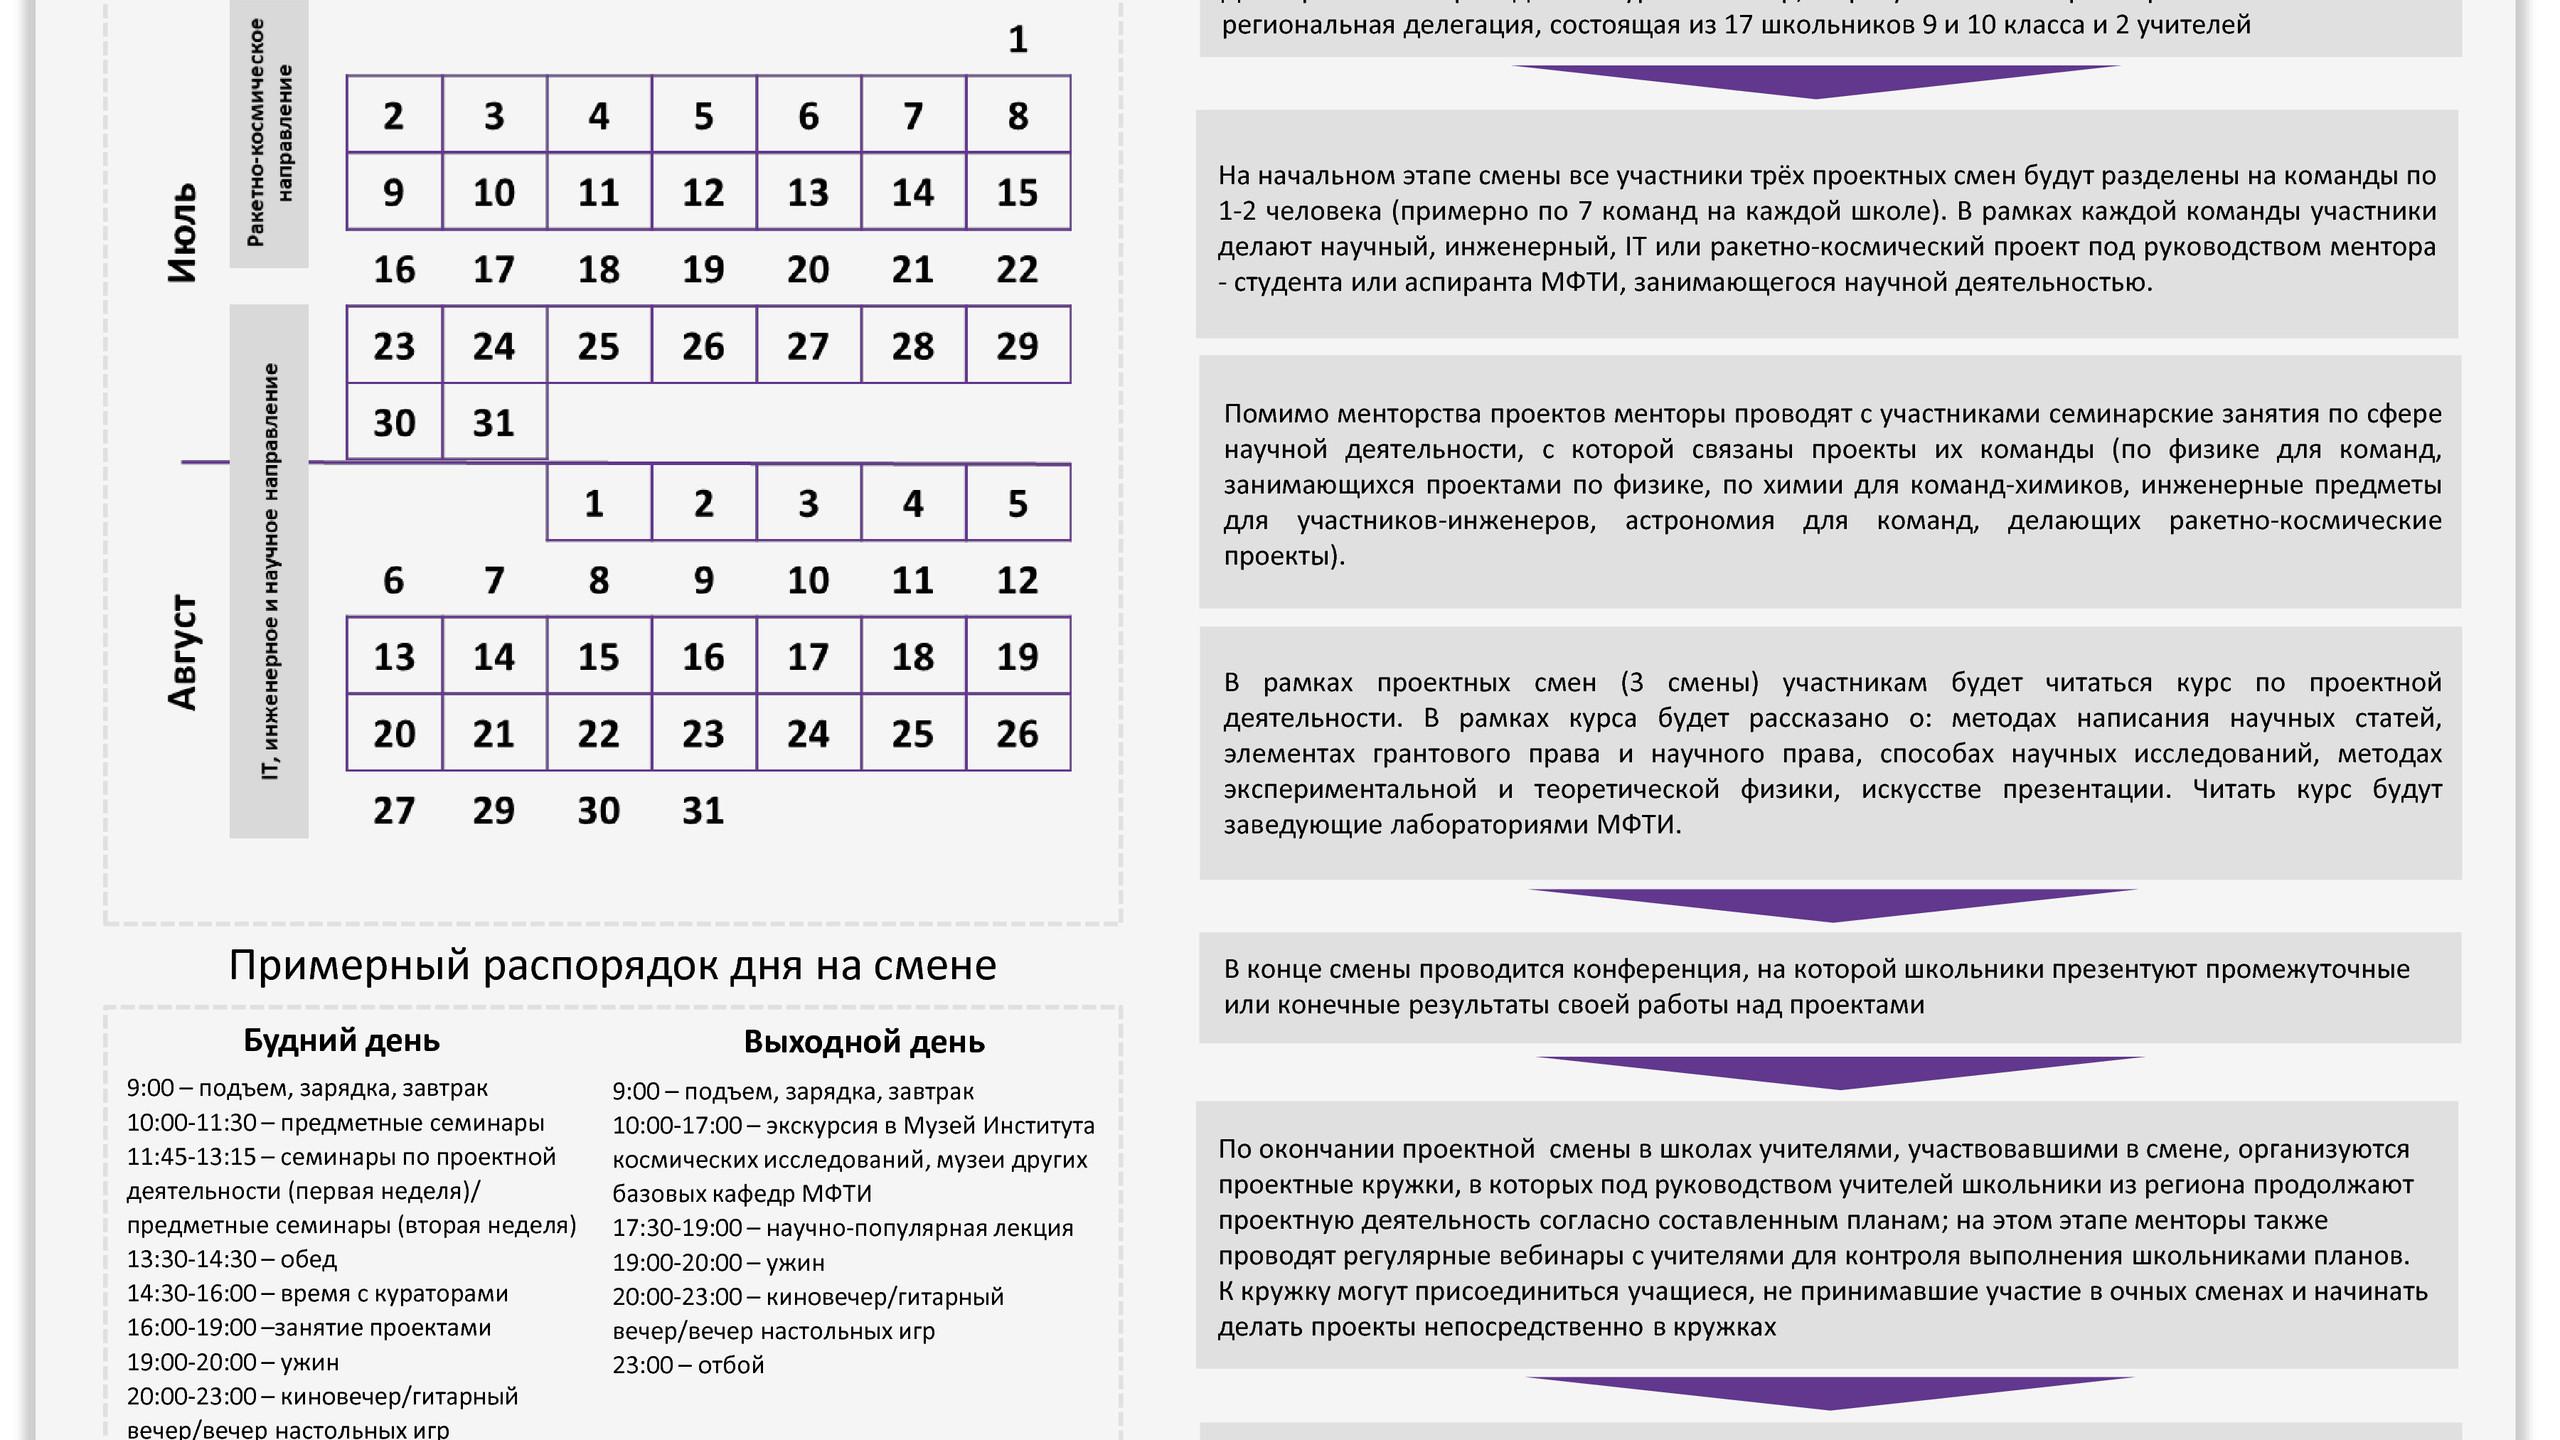 Proektnye_smeny_NR (pdf.io)2 (pdf.io)